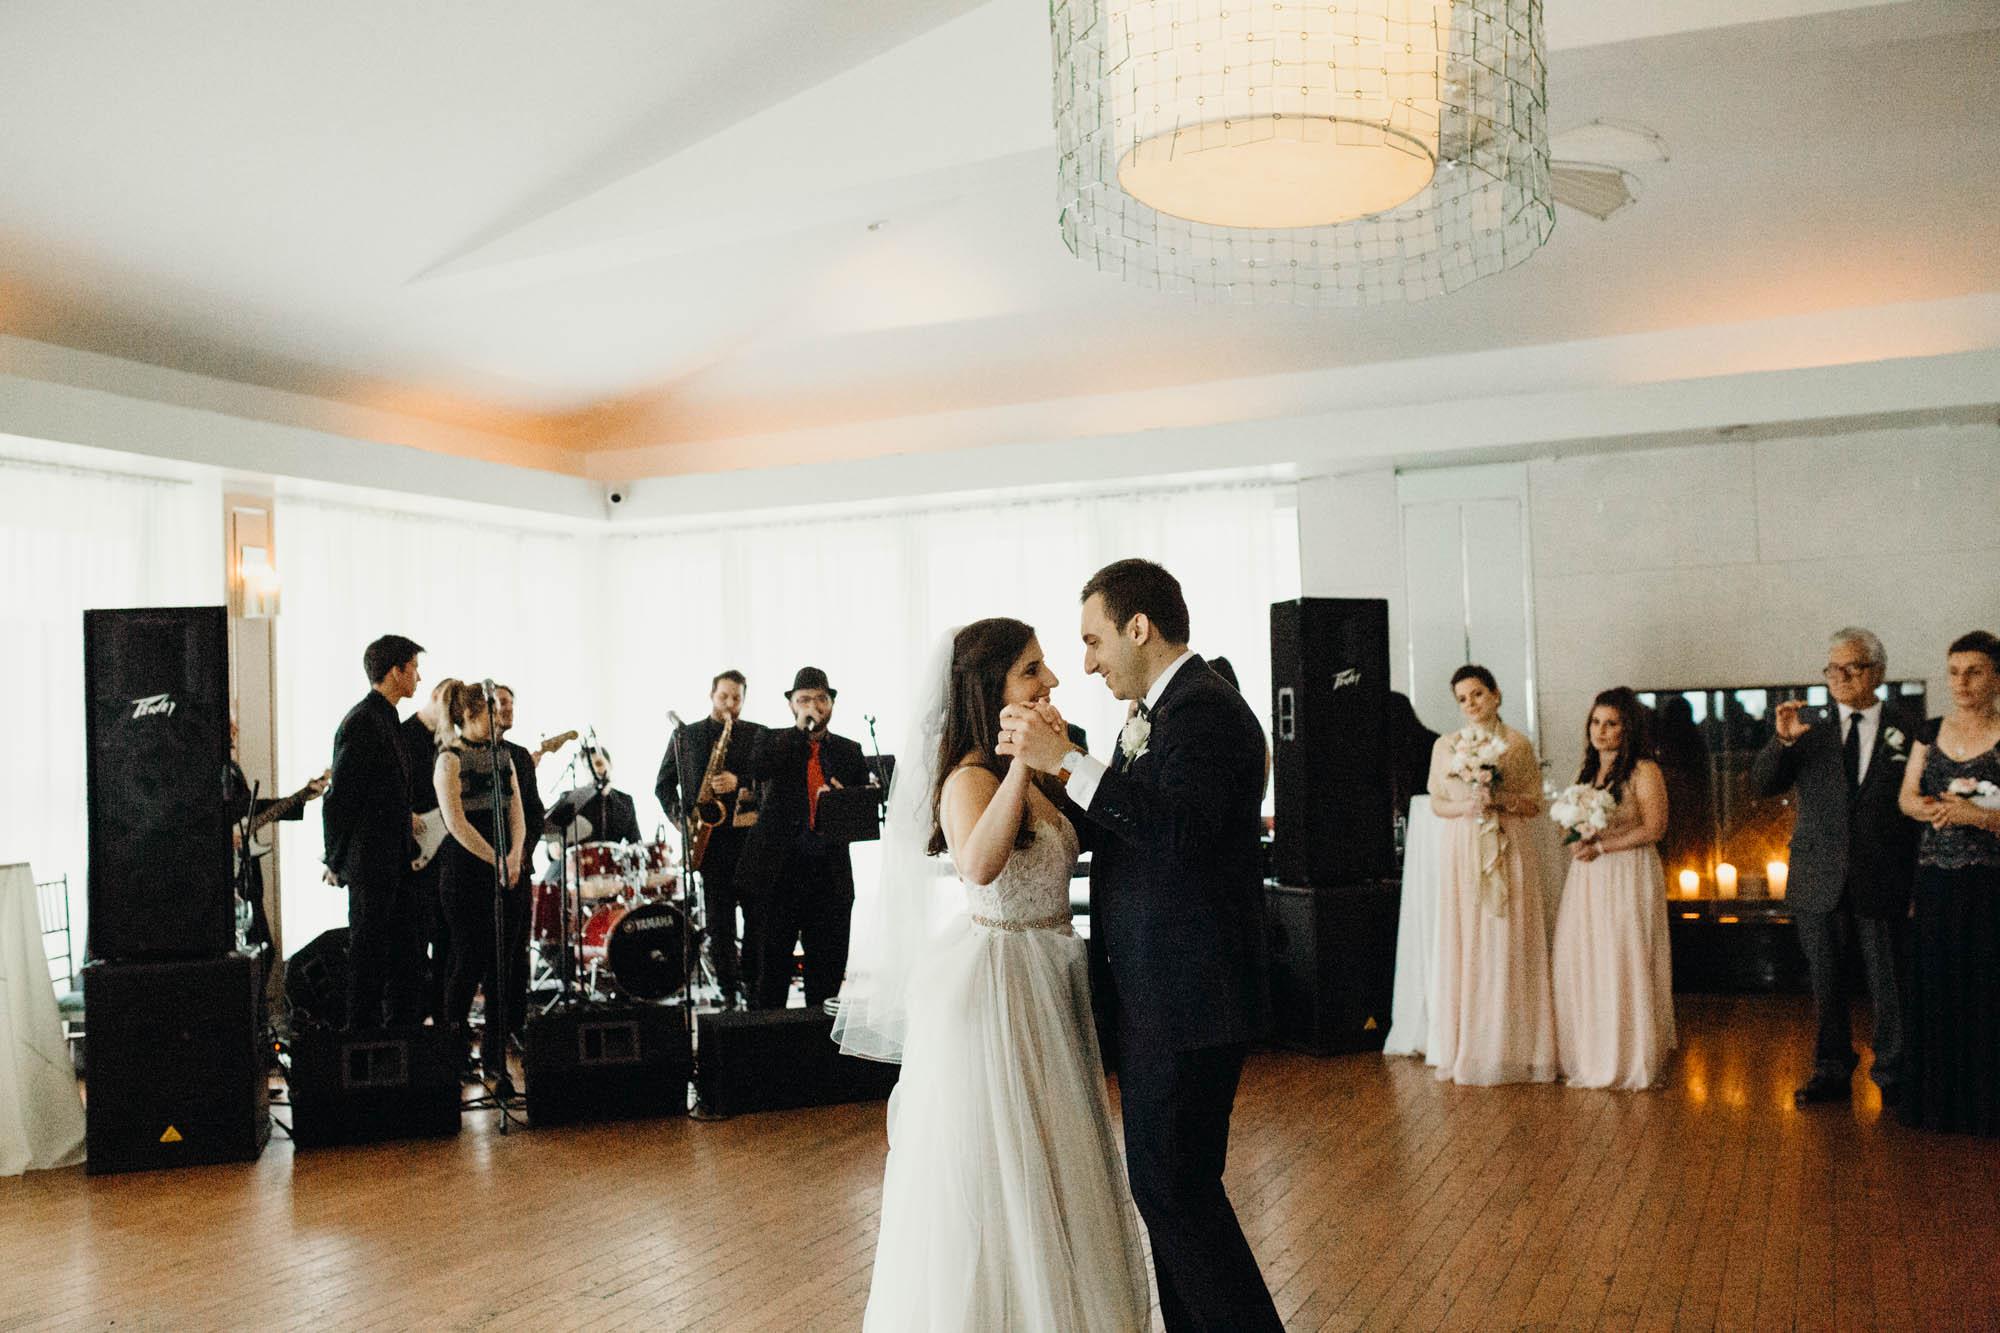 new-york-city-battery-gardens-restaurant-wedding-elizabethtsungphoto-111.jpg